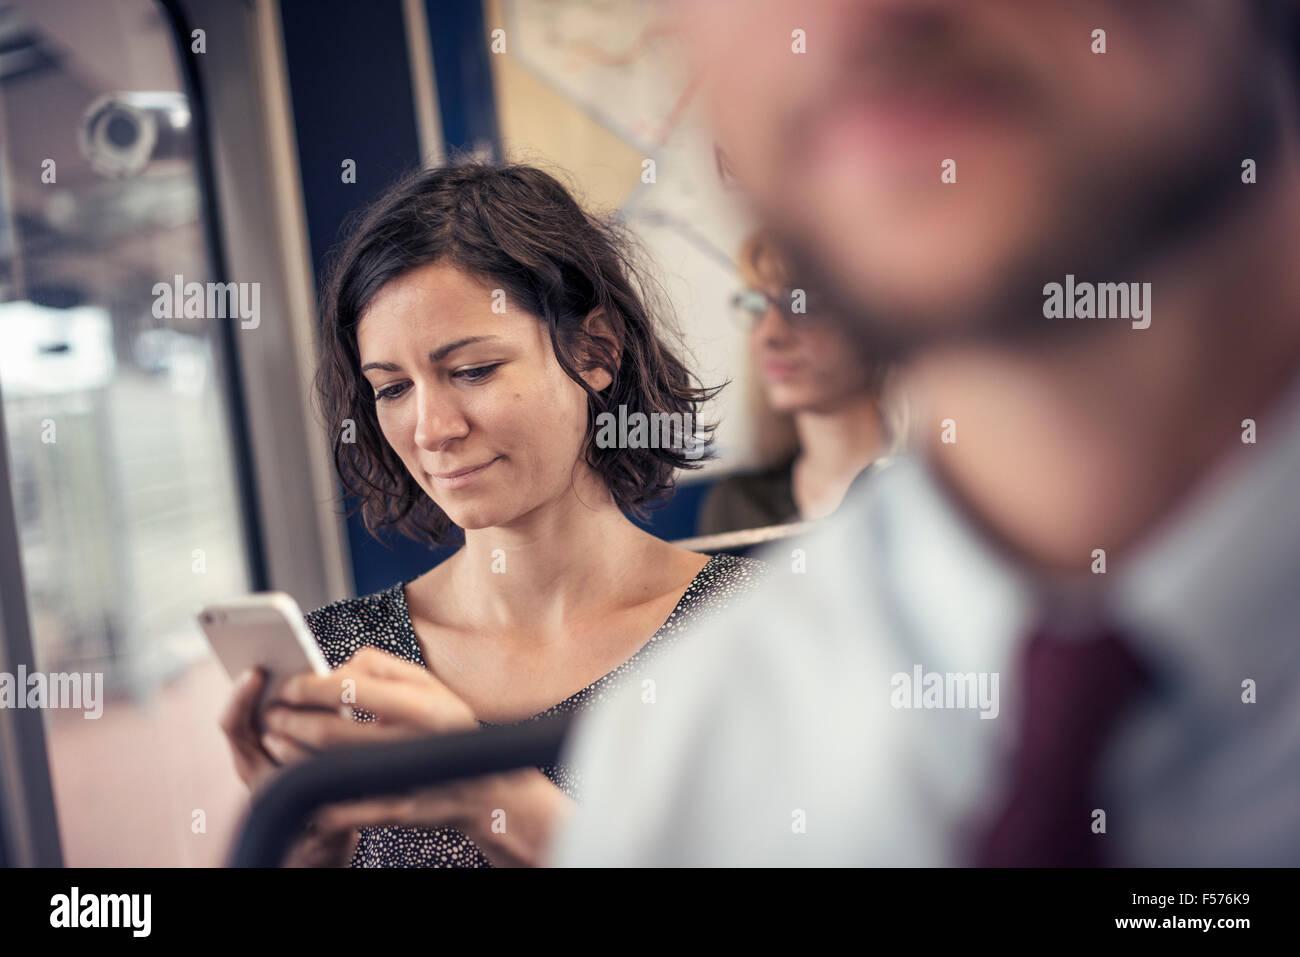 Eine Frau in einem Bus, blickte auf ihr Handy Stockbild